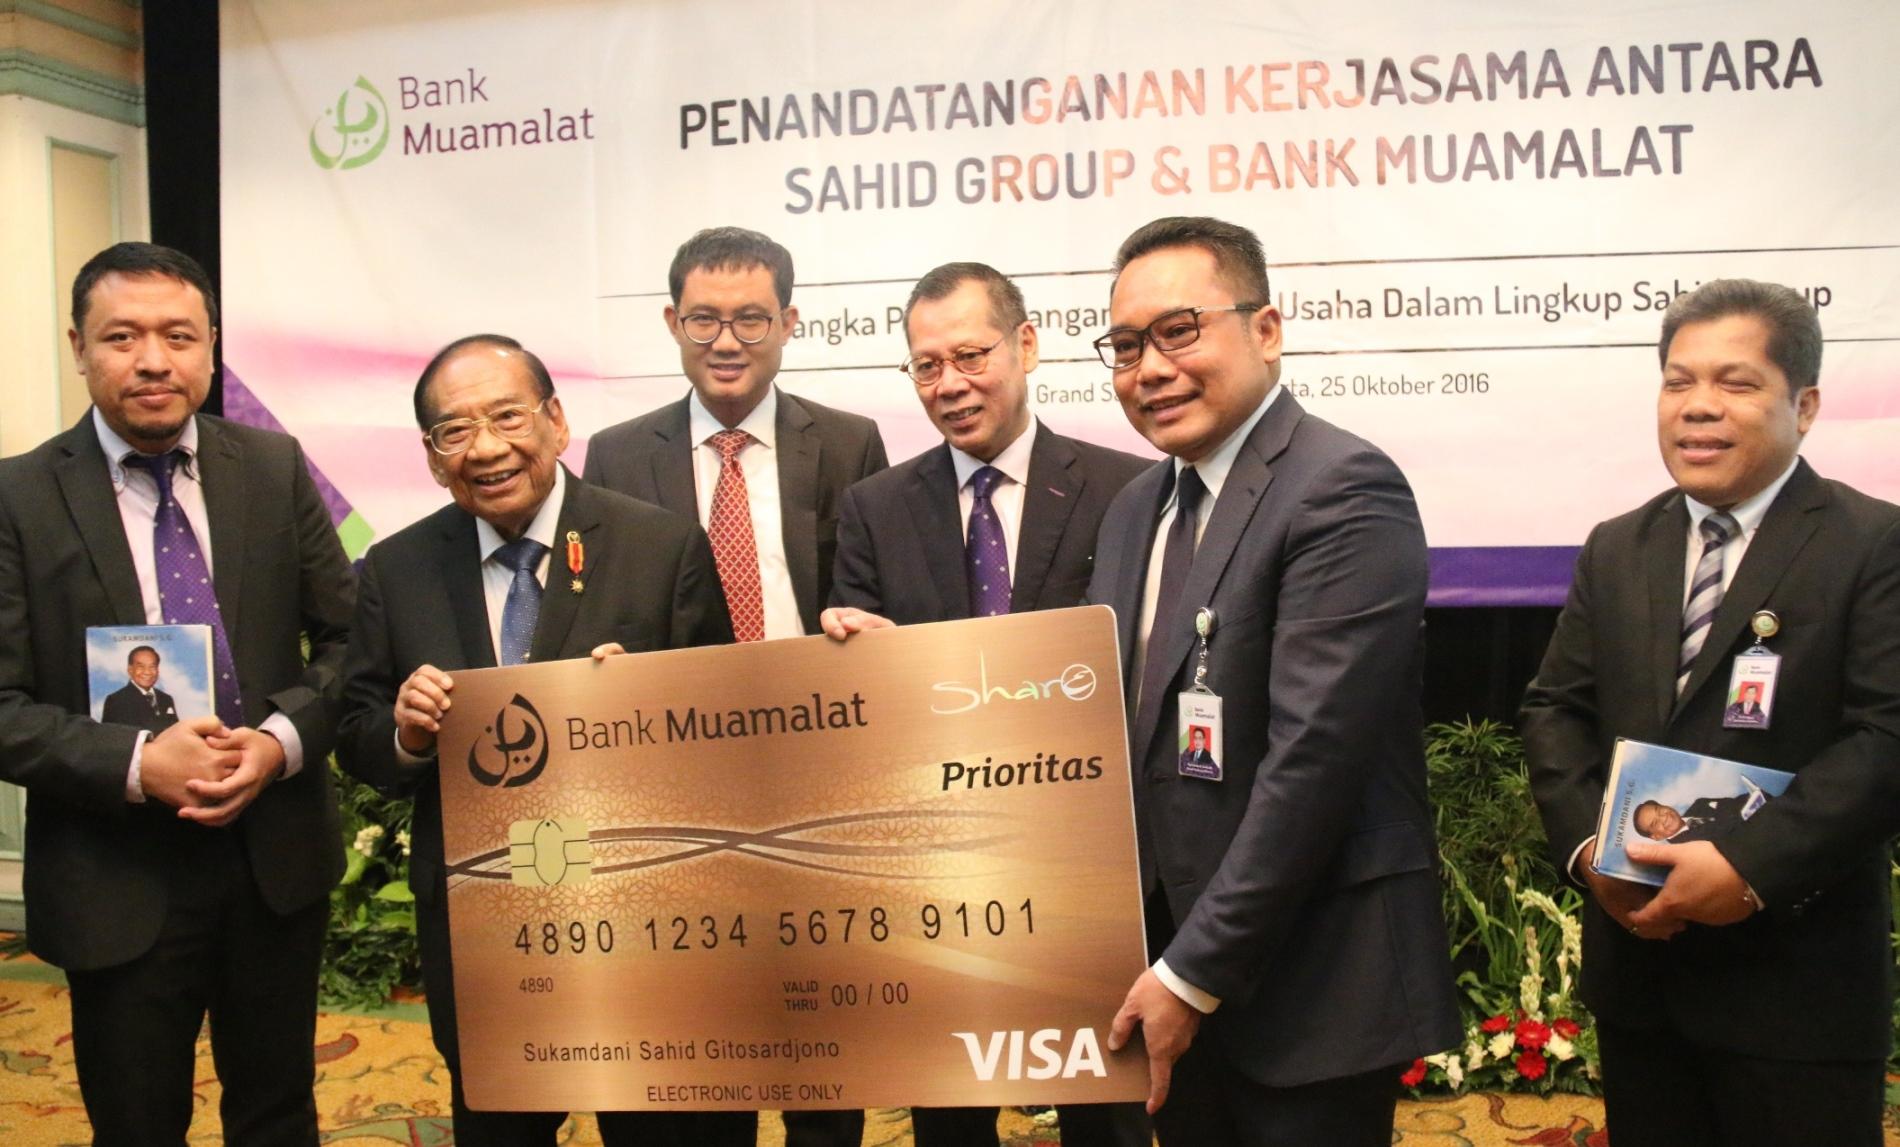 Perluas Produk Syariah, Bank Muamalat Gandeng Sahid Group